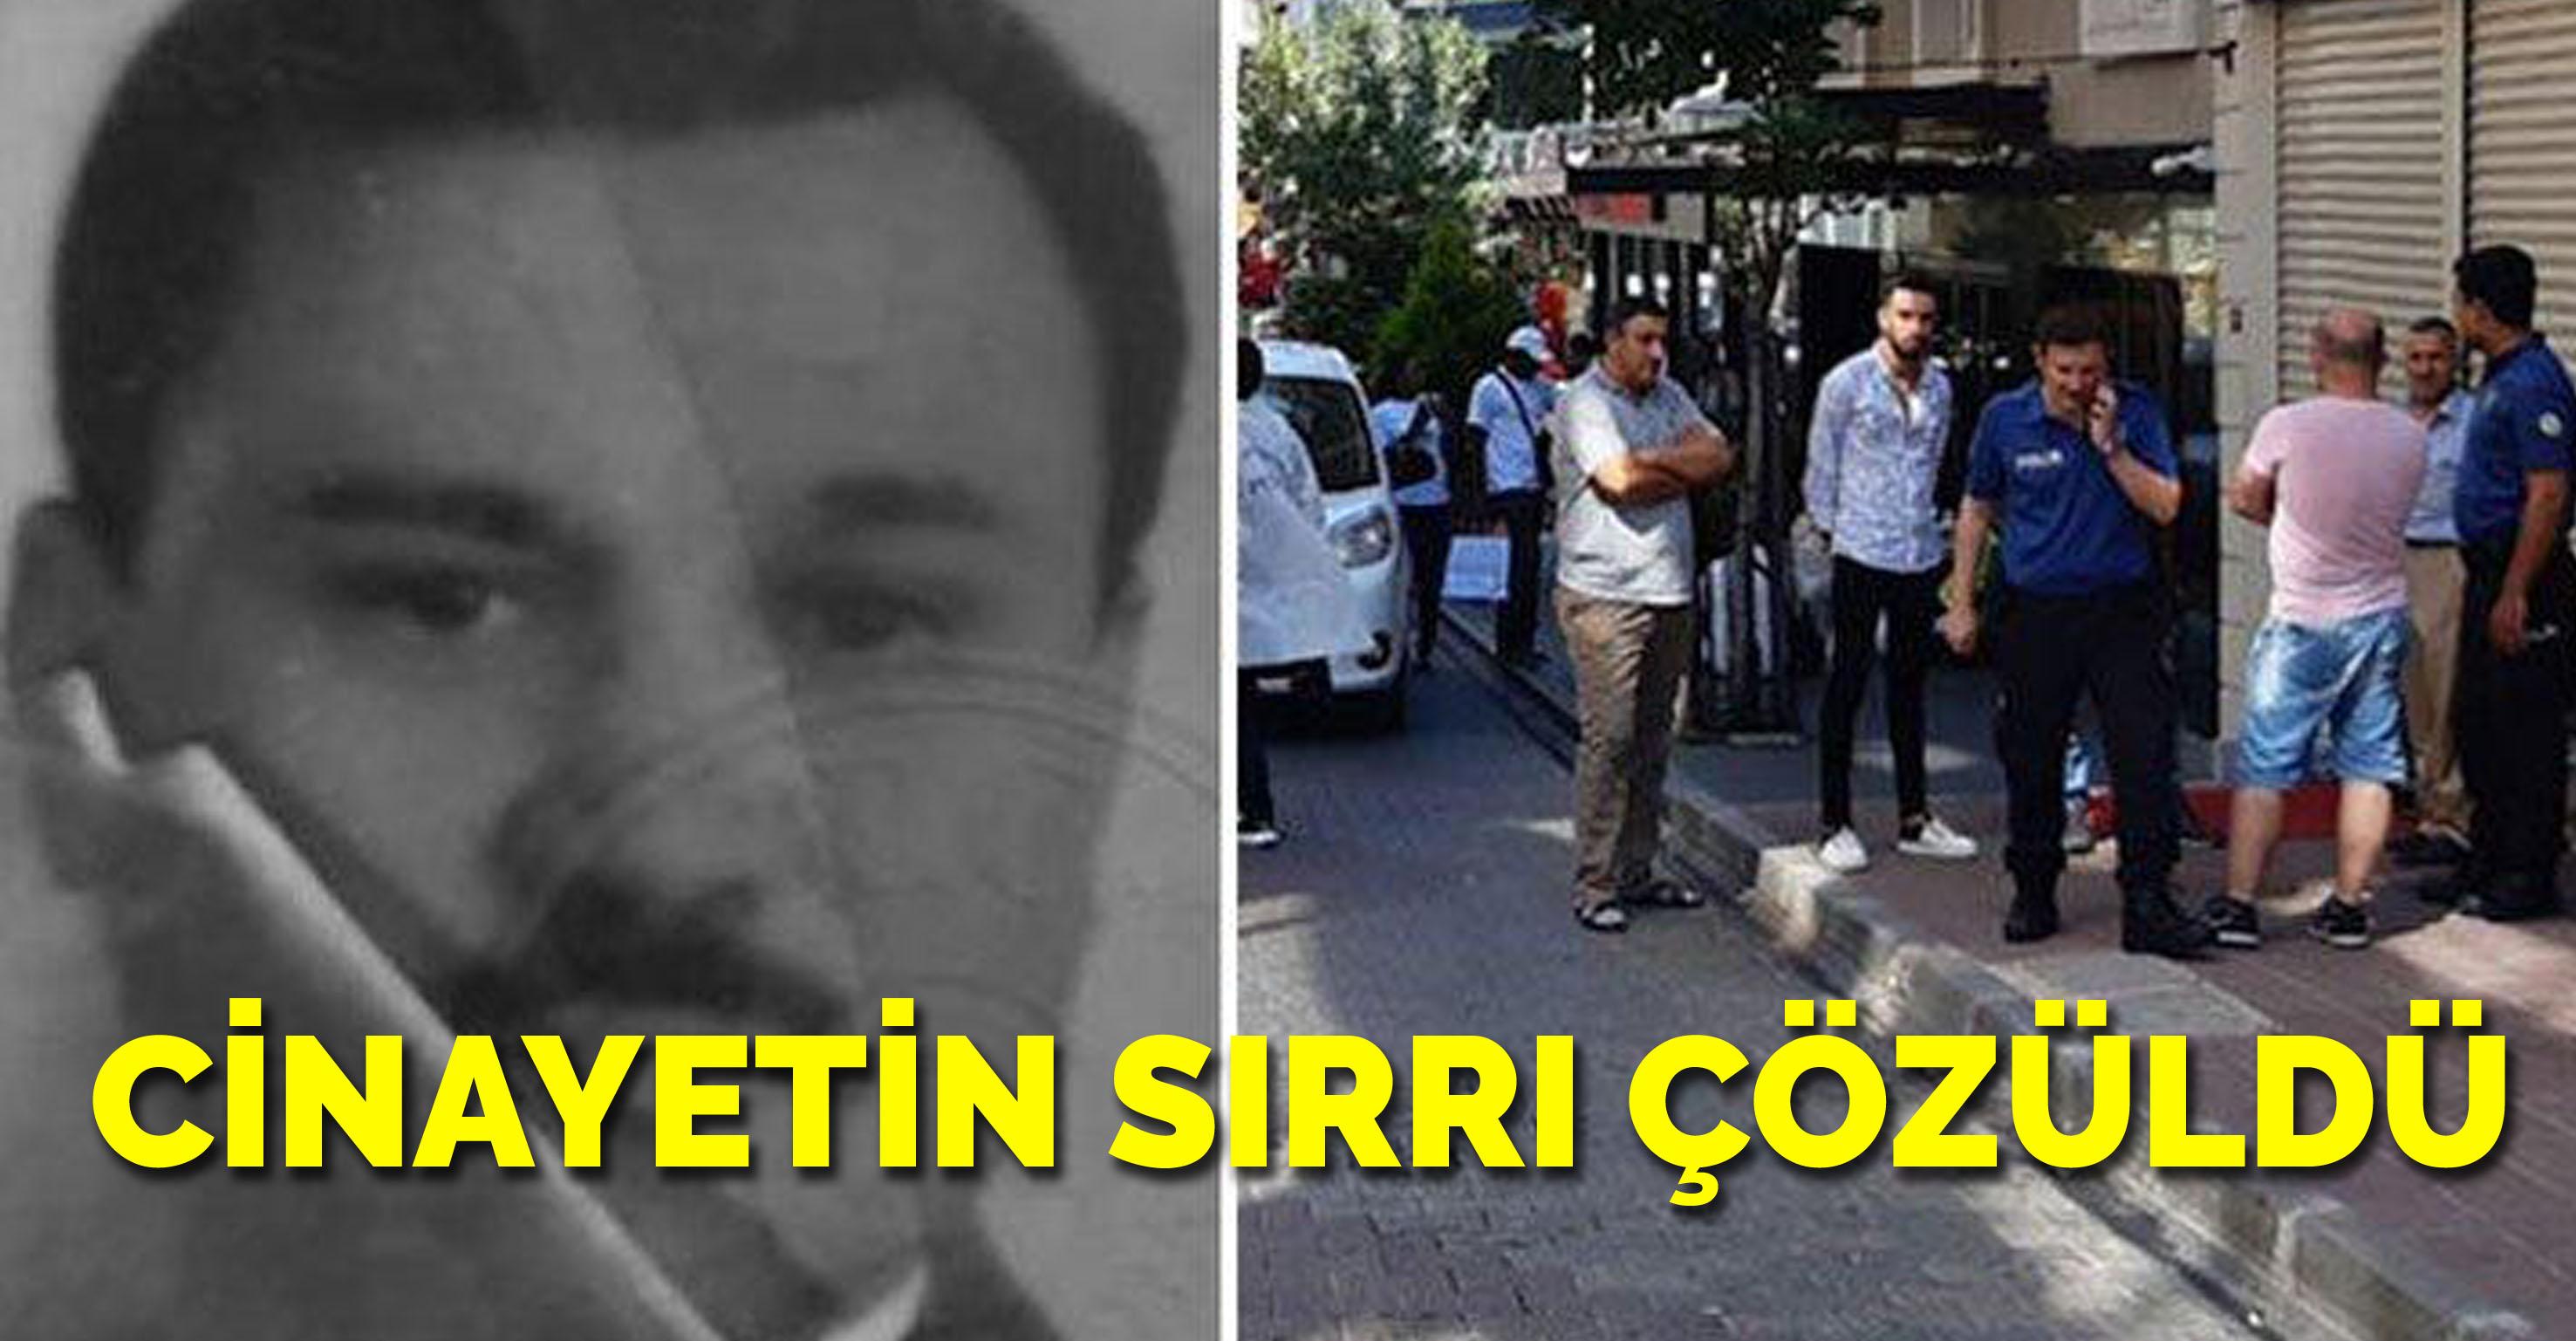 Fatih'te otel sahibinin çalışanları tarafından gasp için öldürüldüğü ortaya çıktı